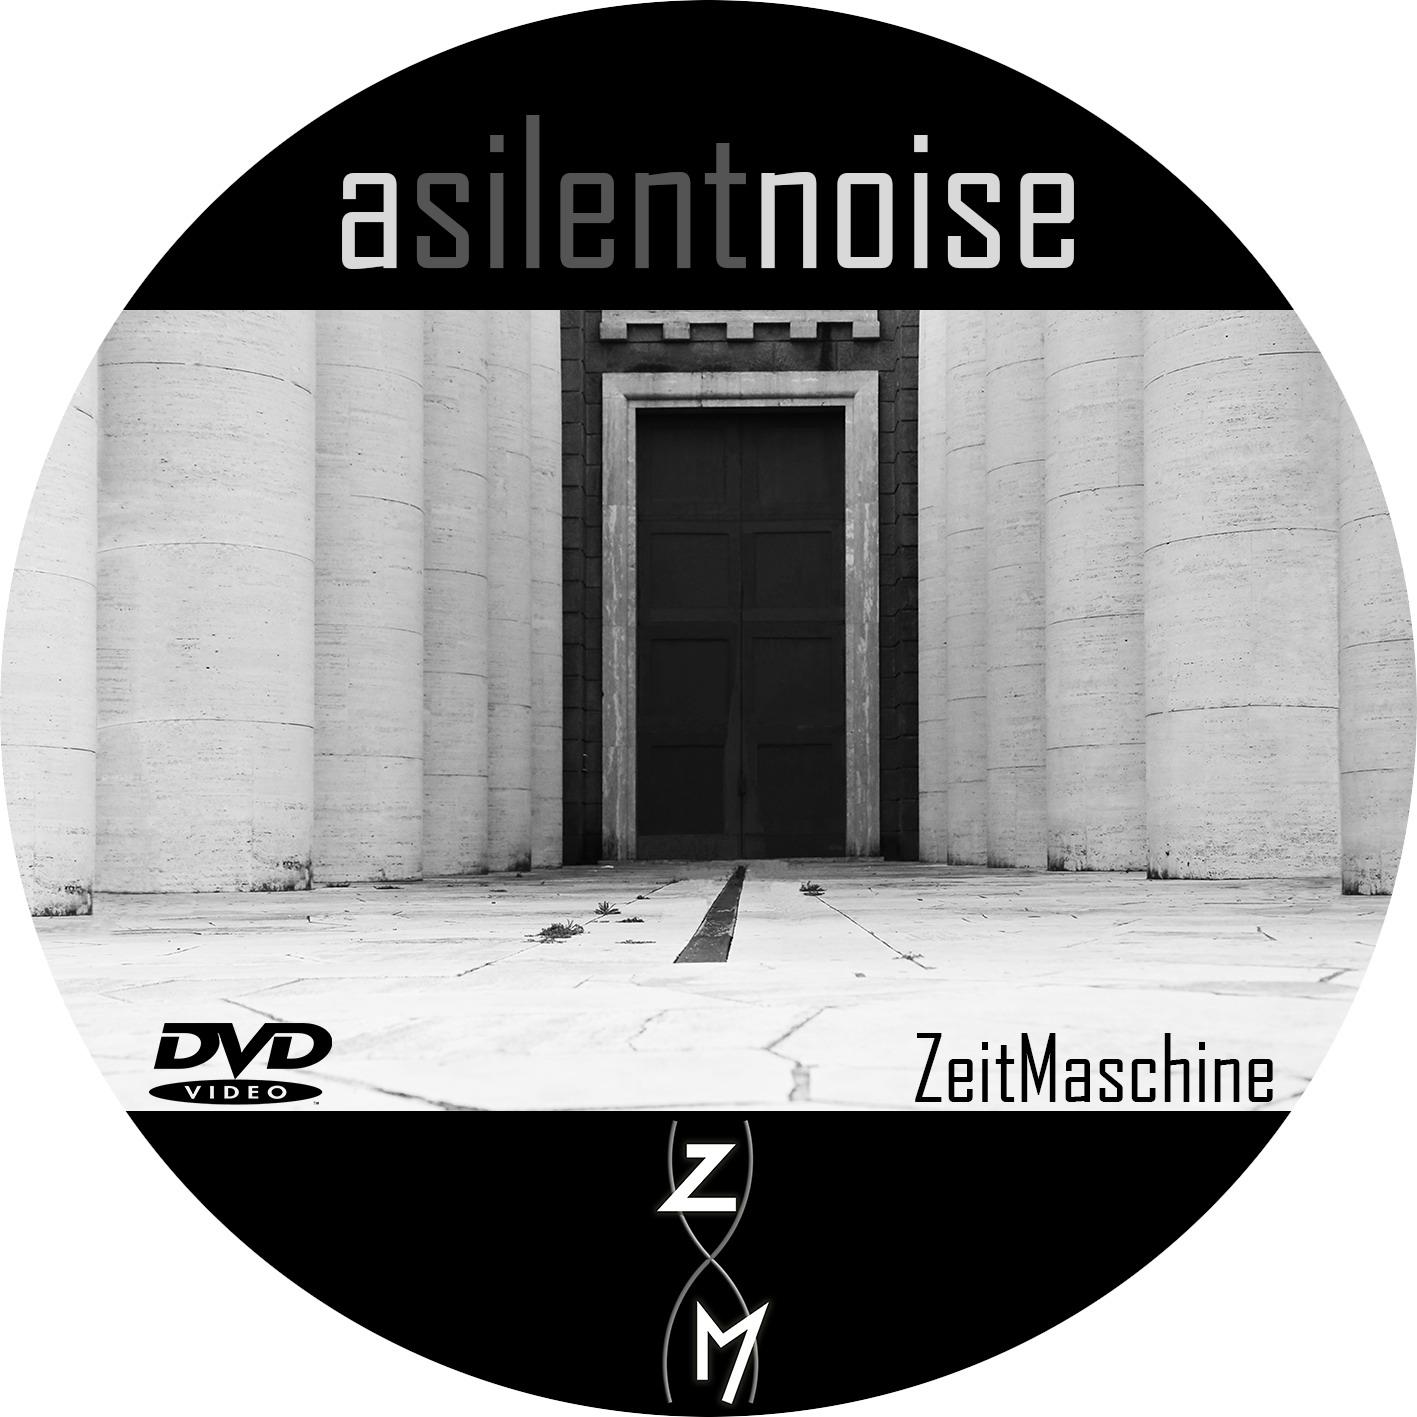 ZeitMaschine Short Film